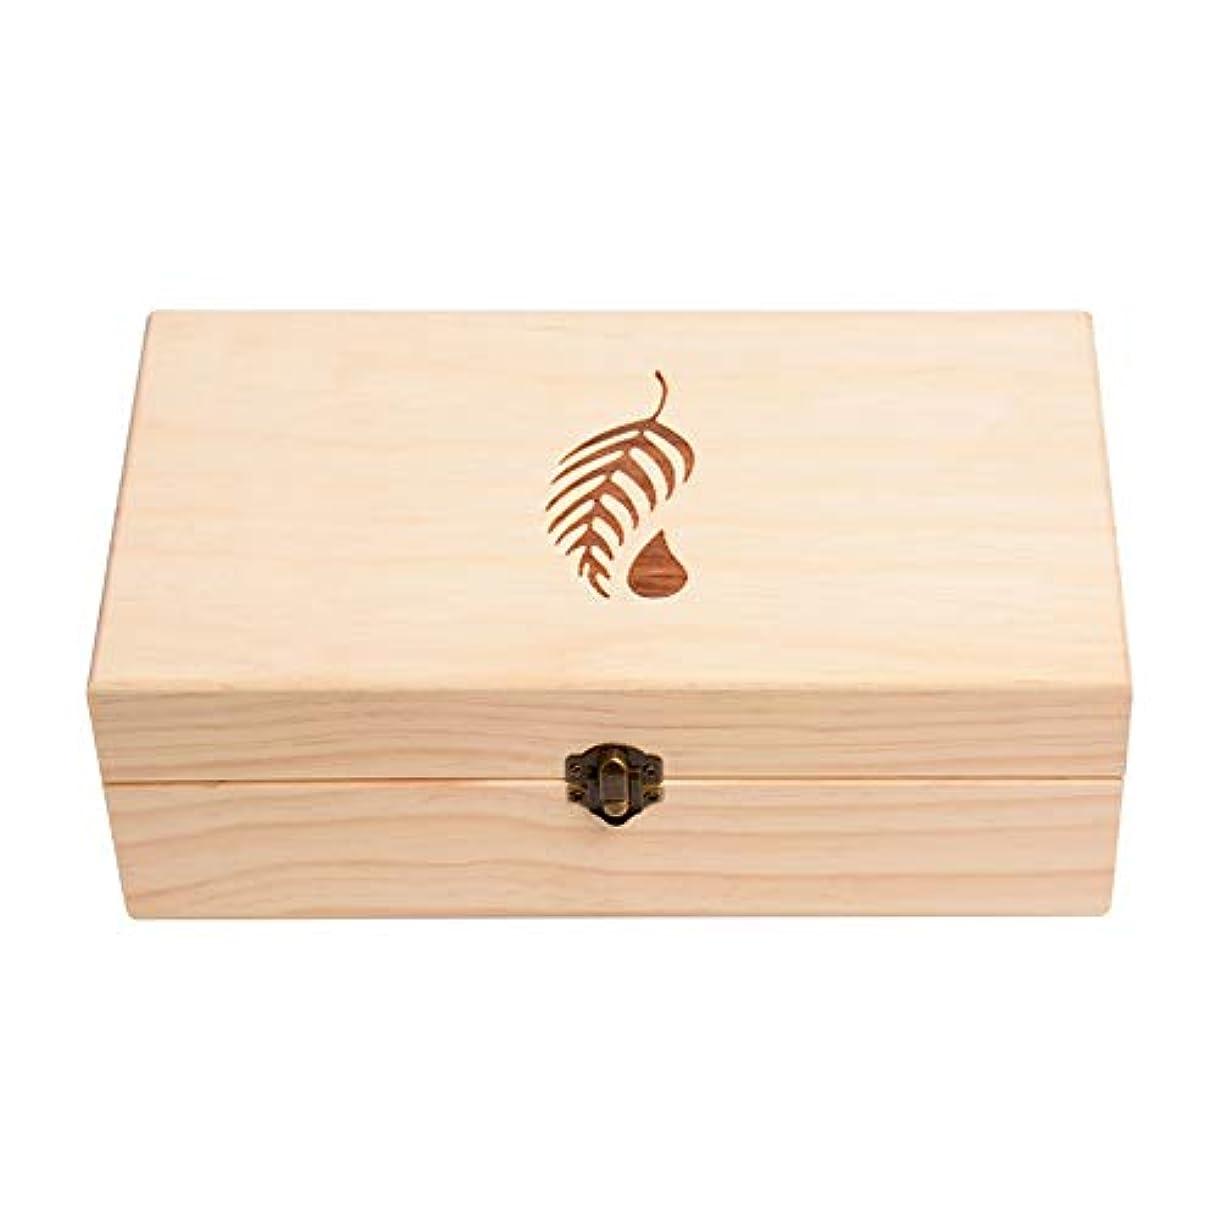 なぜならパンフレット抹消25スロット木エッセンシャルオイルボックスケースオーガナイザーパーフェクトエッセンシャルオイルケース アロマセラピー製品 (色 : Natural, サイズ : 27.5X15X10CM)